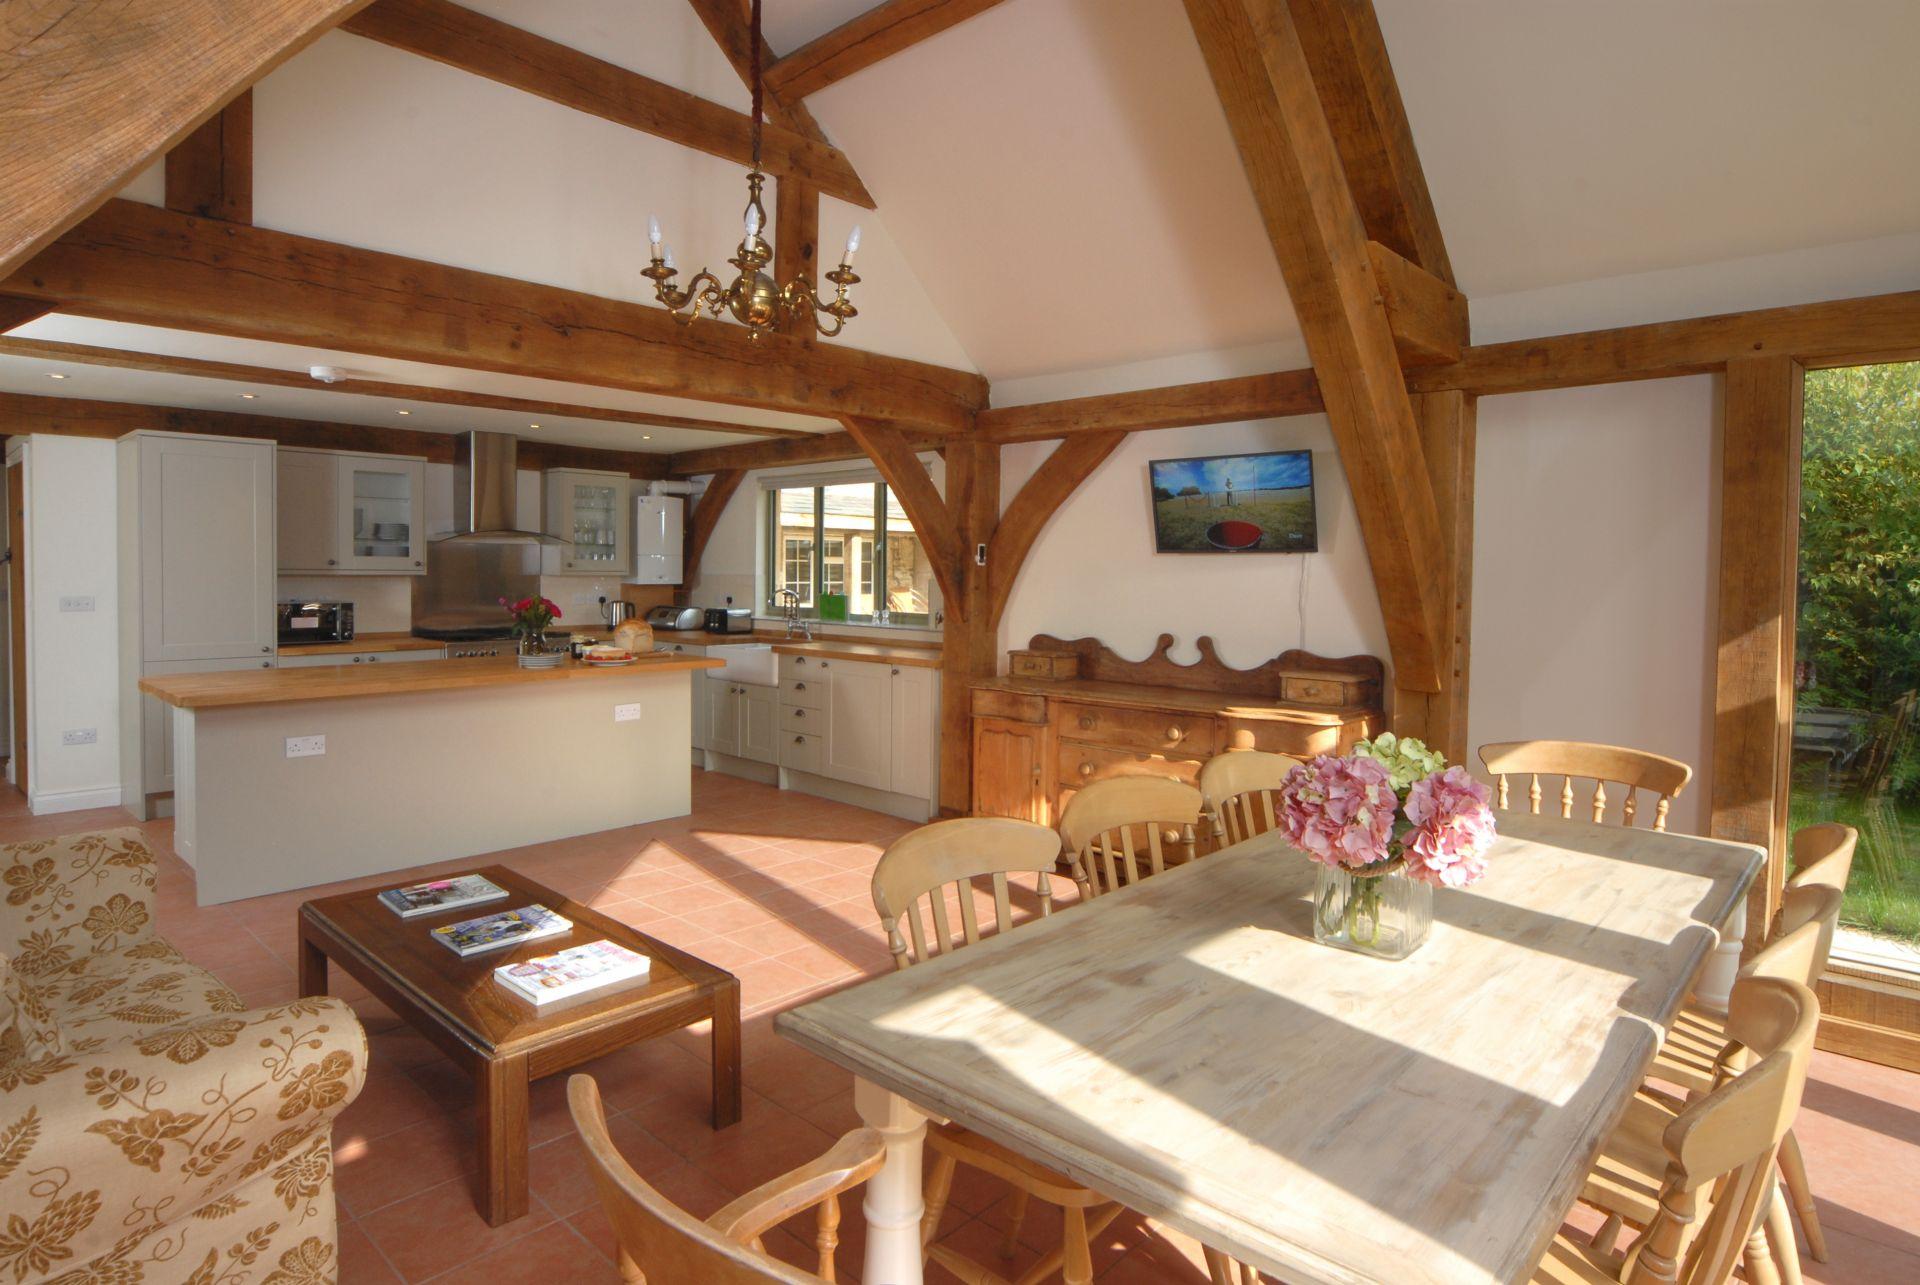 Hiron's piece ground floor: open-plan kitchen/dining space